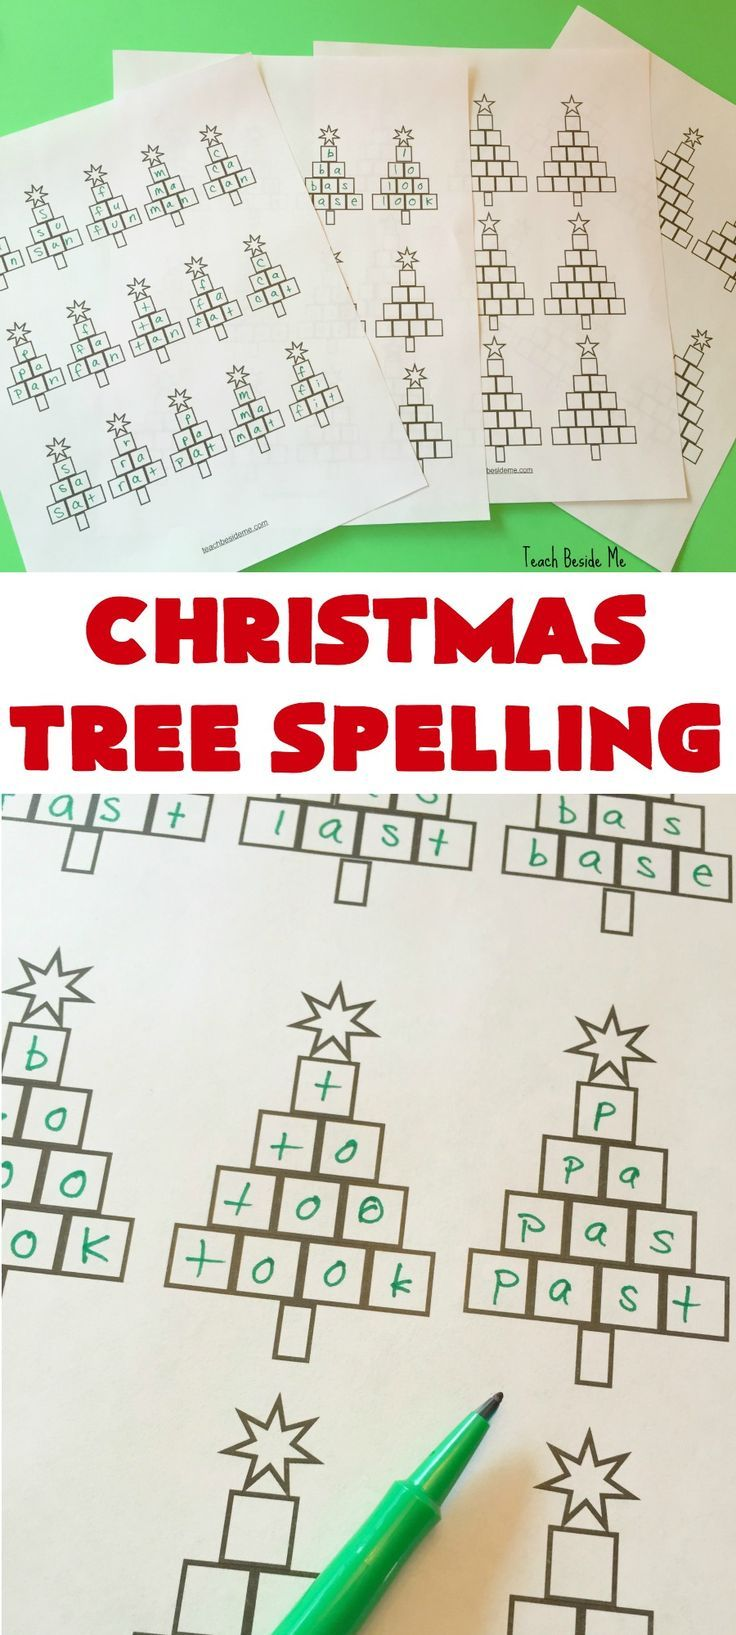 Christmas tree spelling worksheets - Teach Beside Me